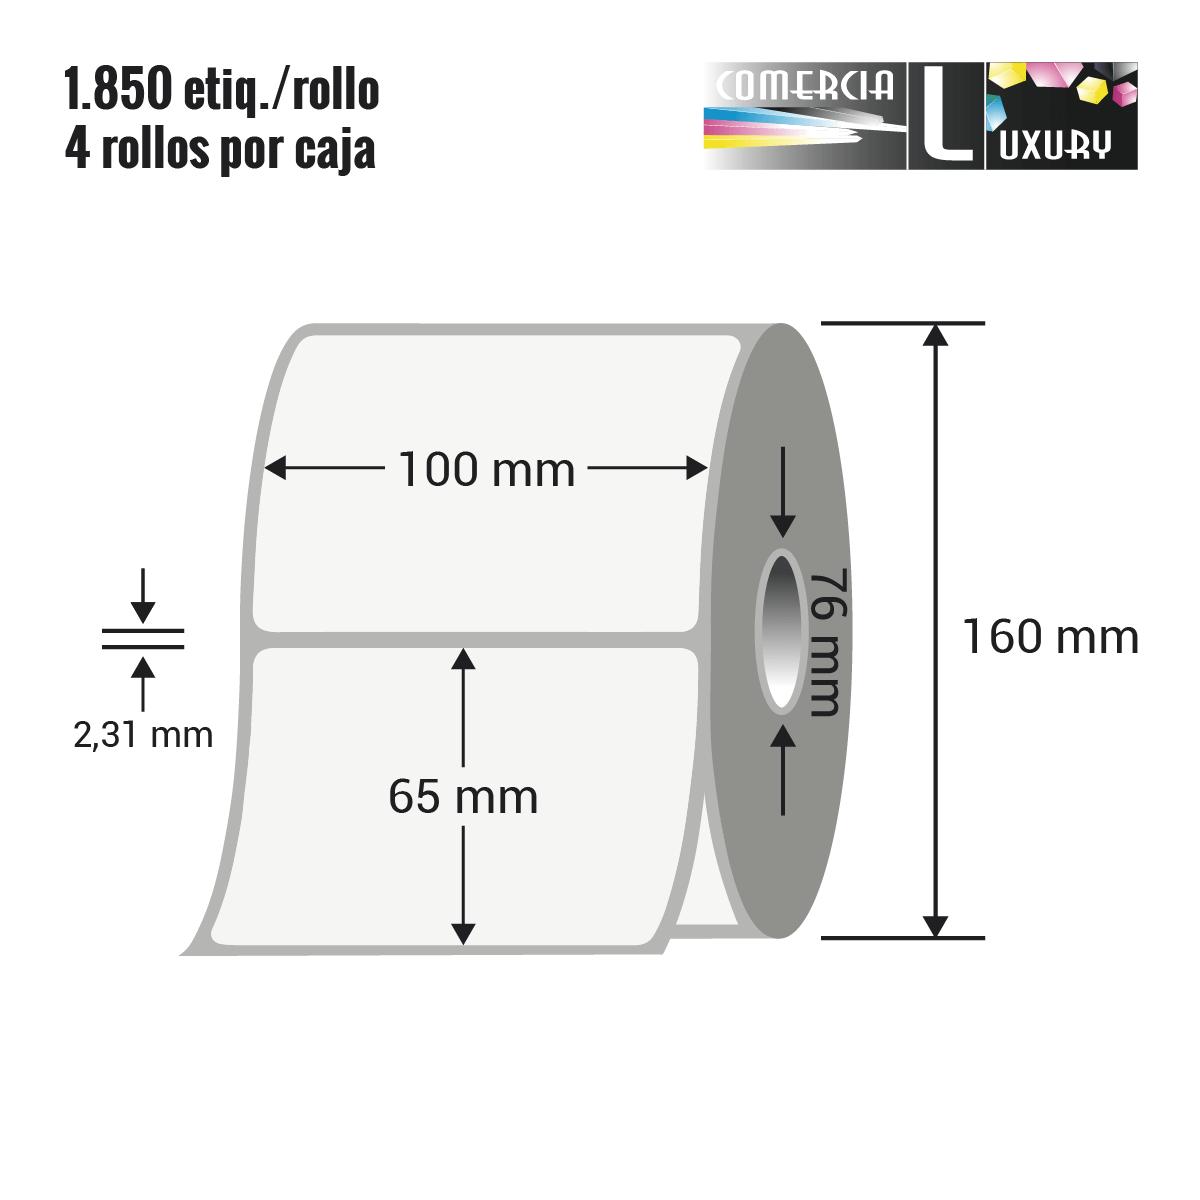 Etiqueta en rollo de papel termico para impresión sin ribbon de 100 x 65 mm Ø76 mm